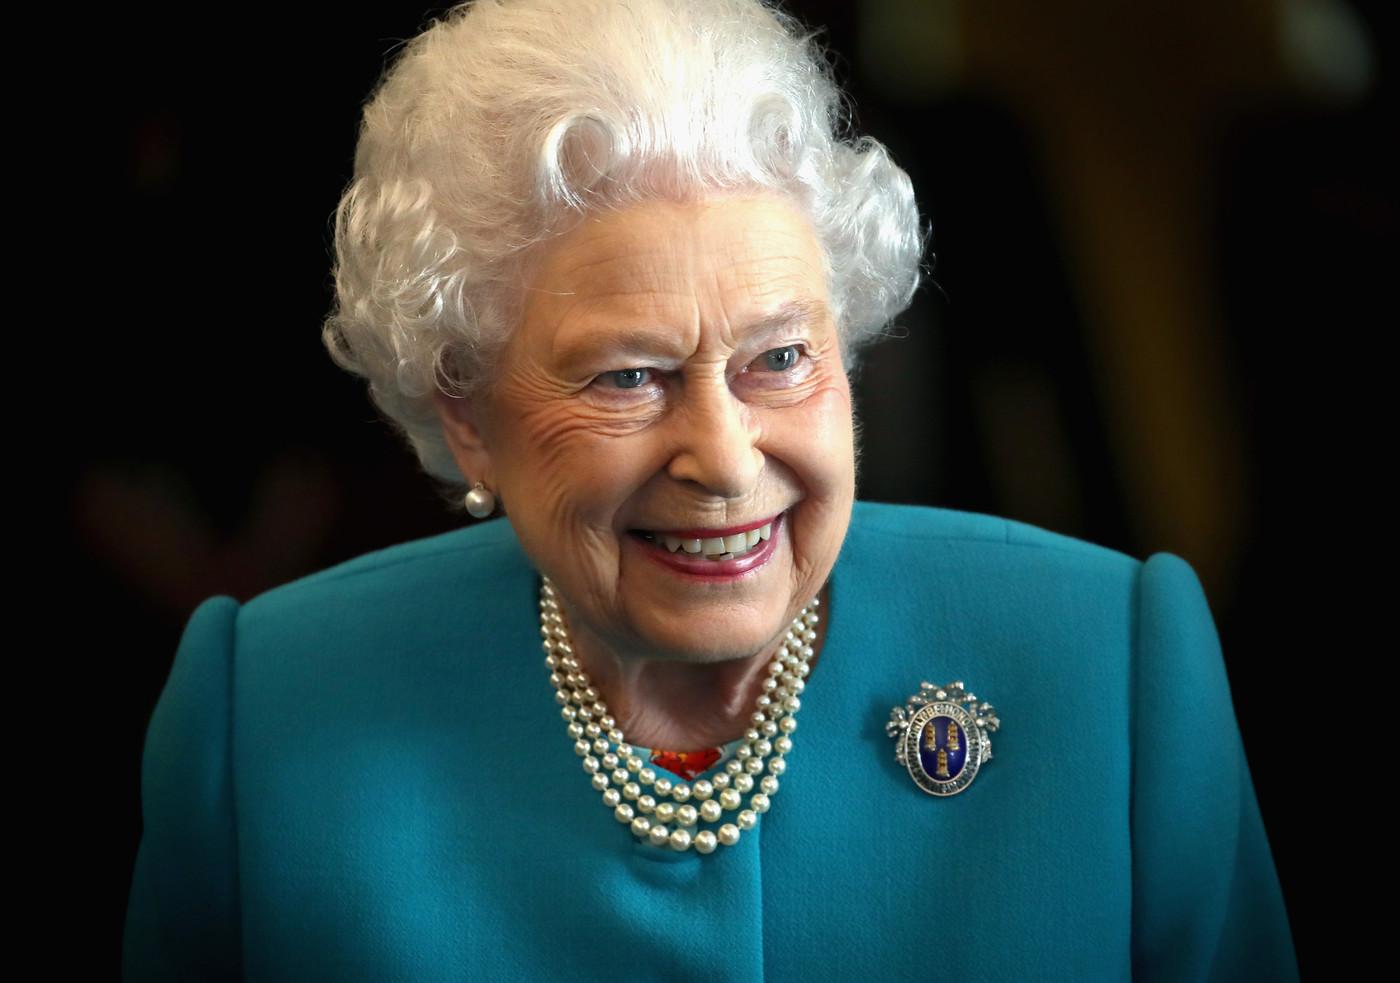 Фотограф британской королевской семьи показал главные снимки 2017 года (11 фото)